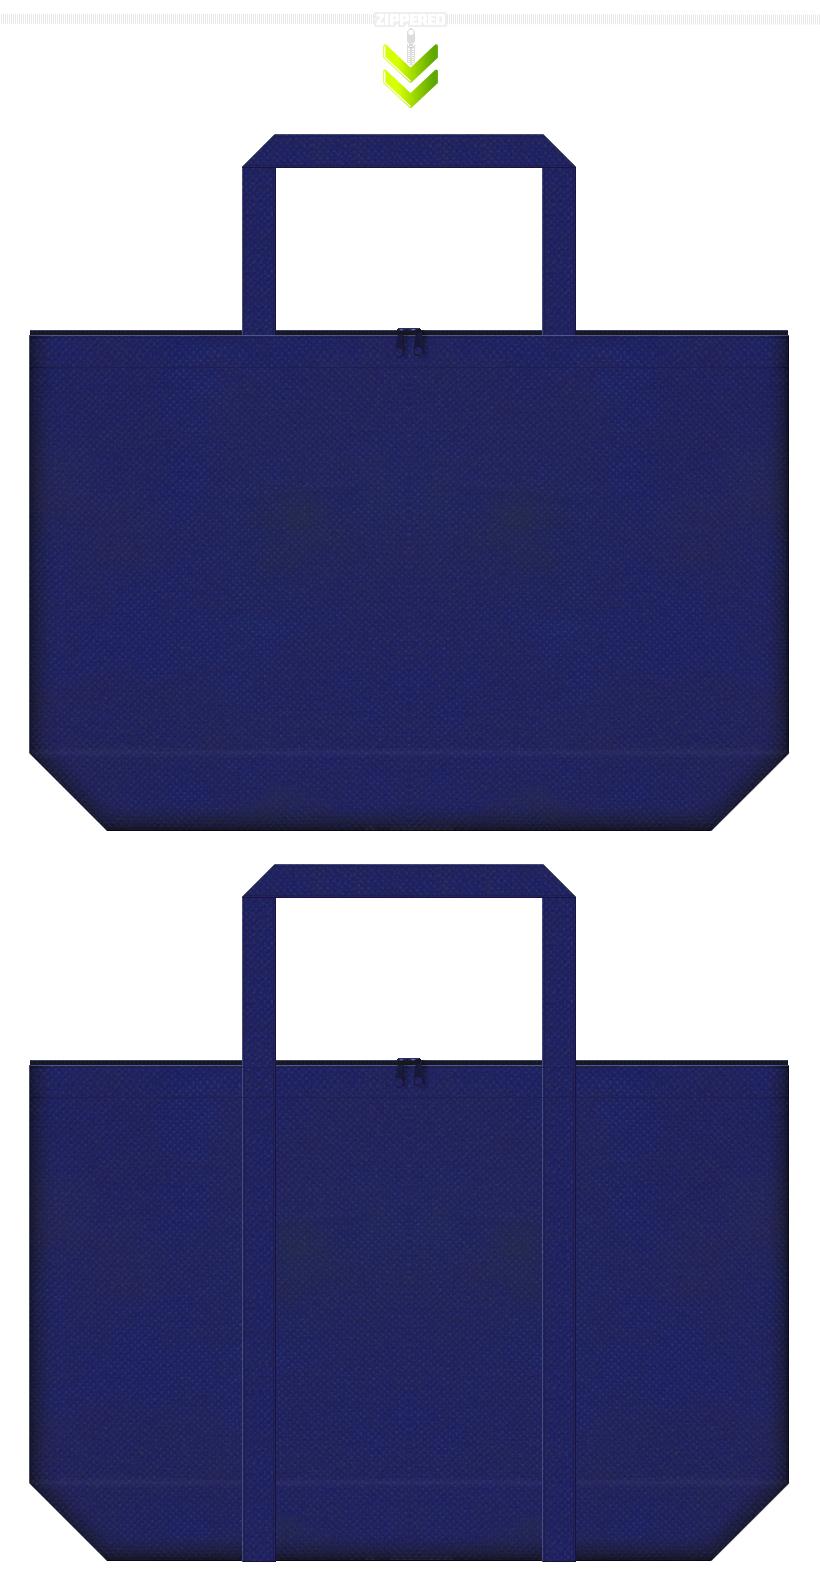 ファスナー付きの明るい紺色の不織布エコバッグ